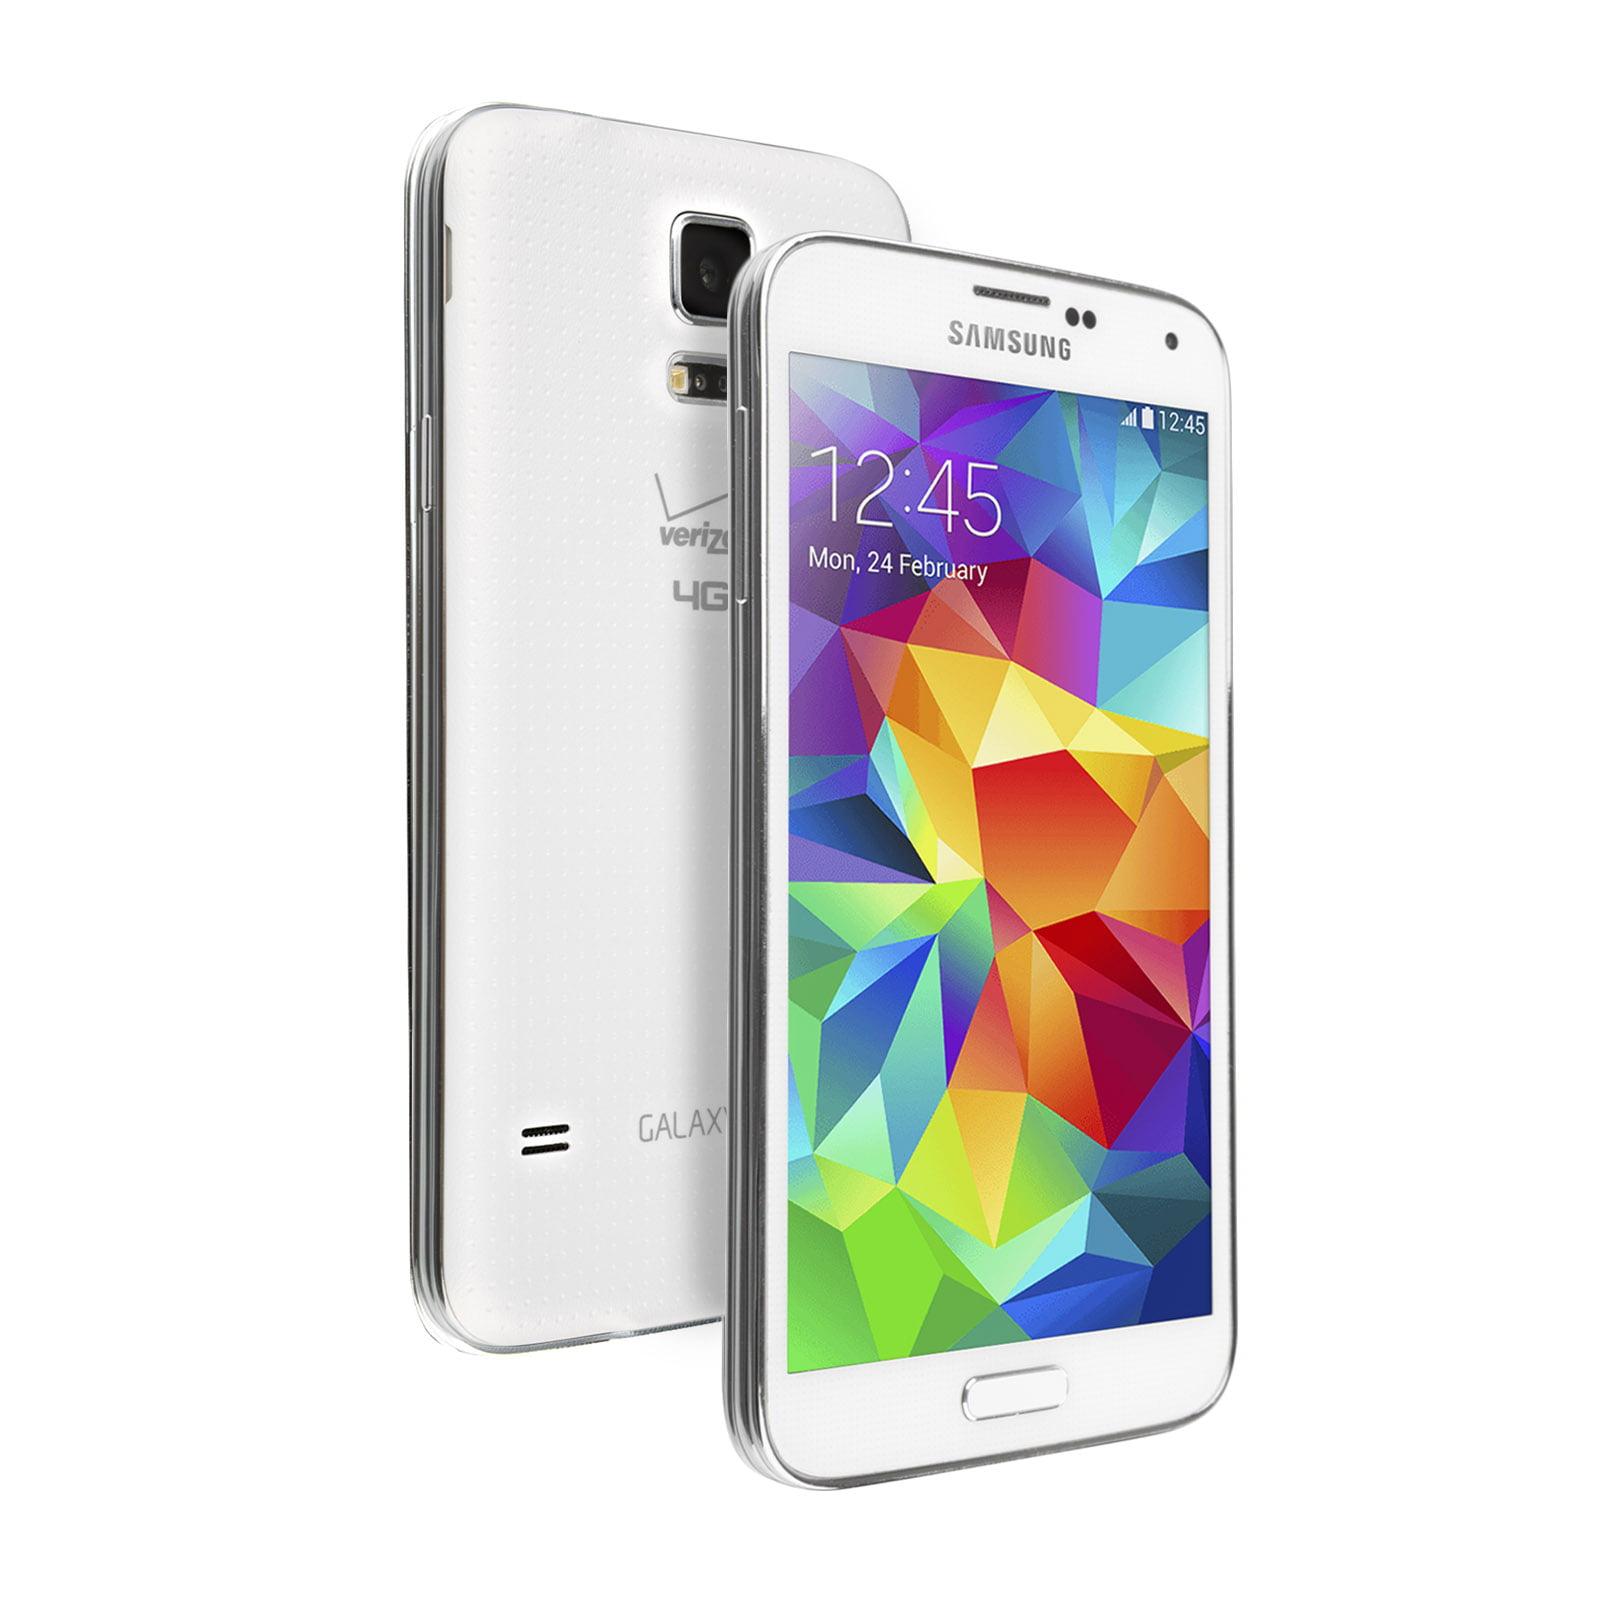 GSM FACTORY UNLOCKED Samsung Galaxy S5 SM-G900V 16GB Veri...